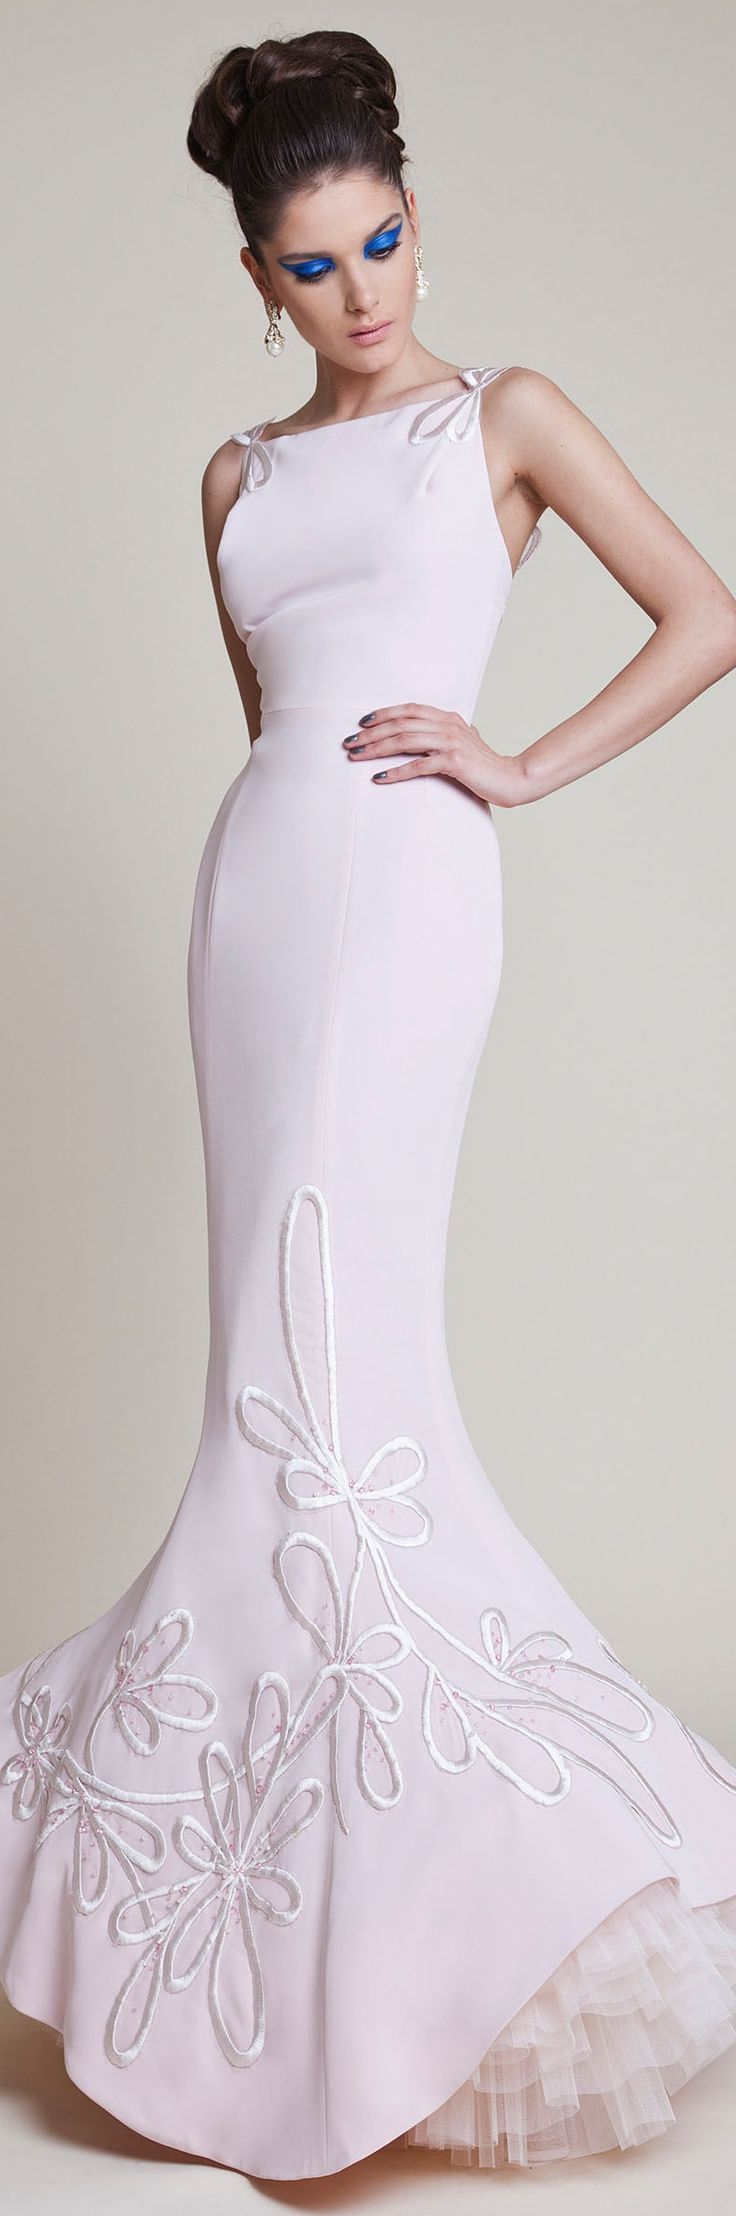 Azzi  Osta Couture  S/S 2014